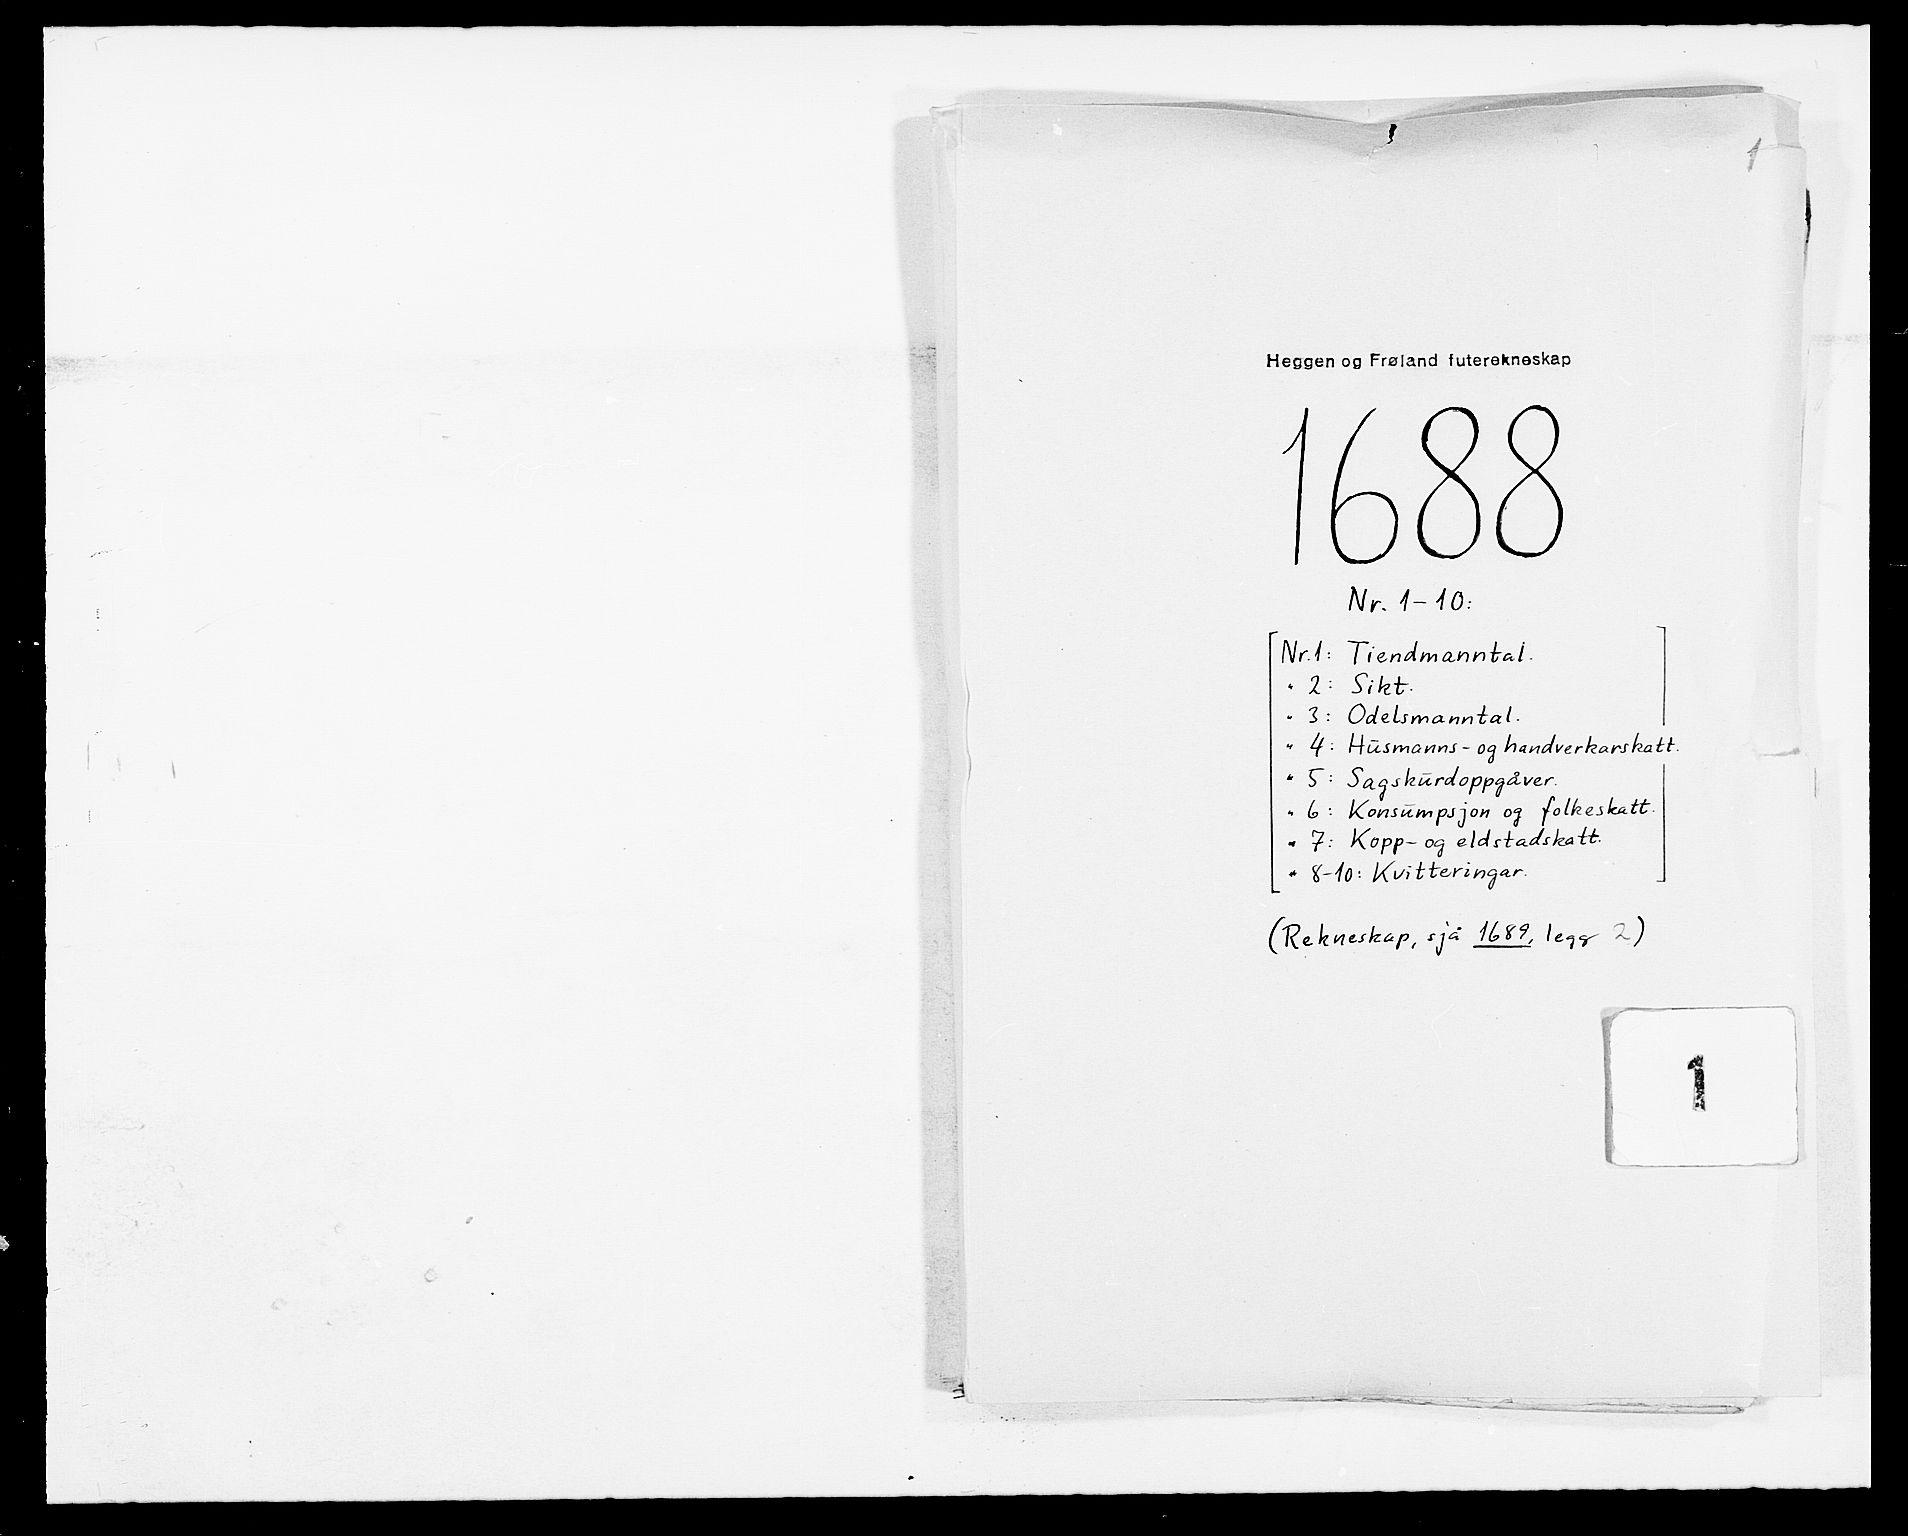 RA, Rentekammeret inntil 1814, Reviderte regnskaper, Fogderegnskap, R06/L0282: Fogderegnskap Heggen og Frøland, 1687-1690, s. 65